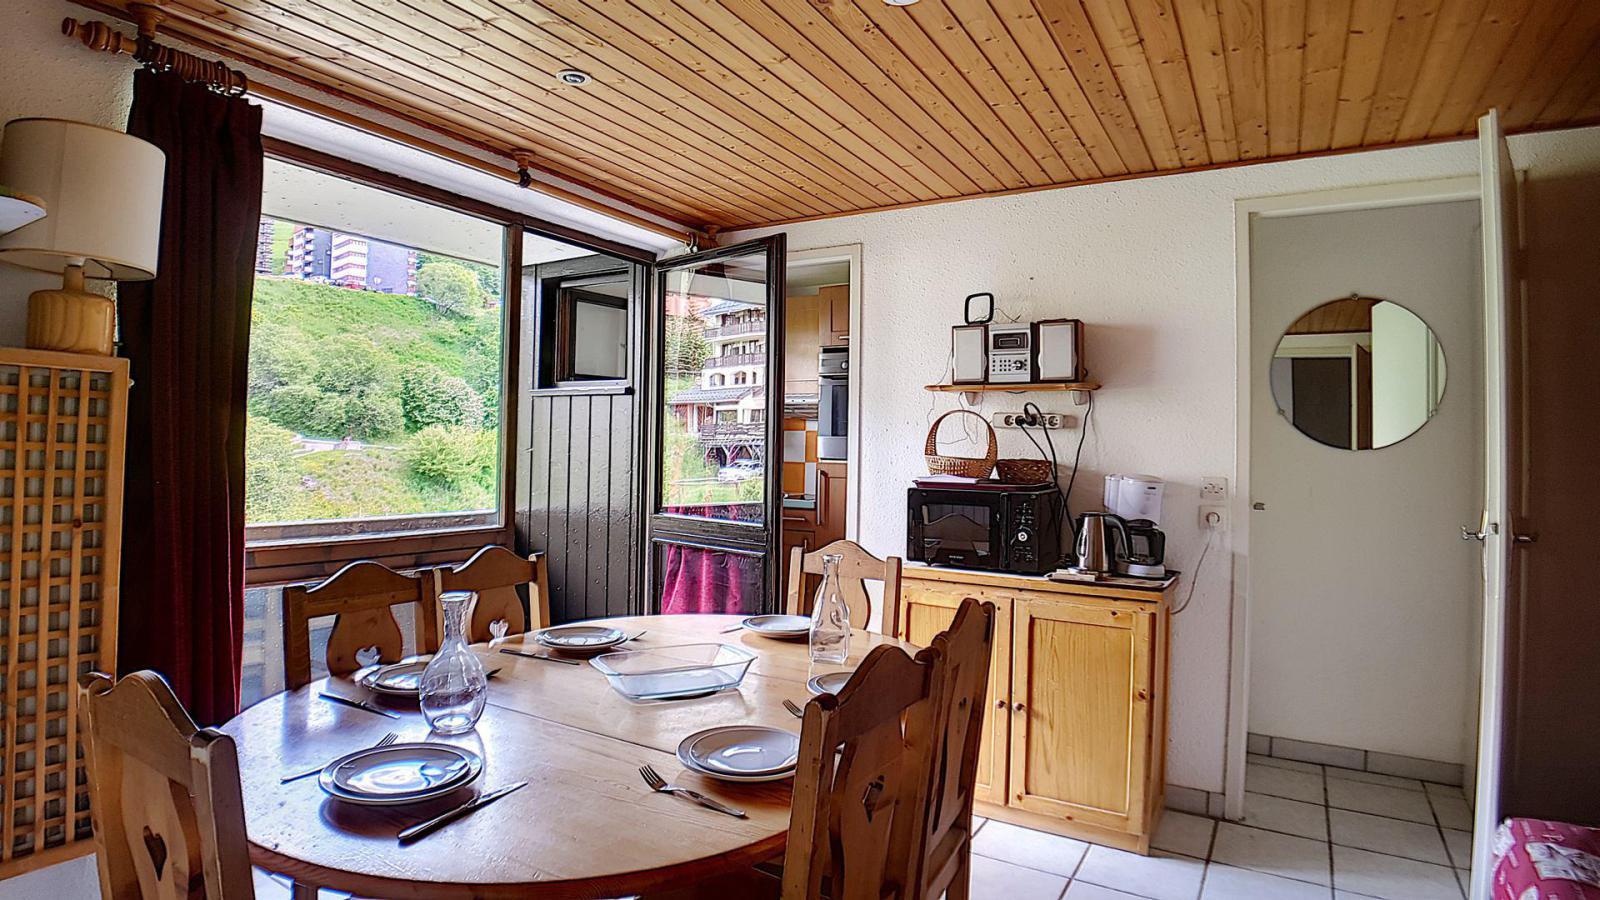 Location au ski Appartement duplex 4 pièces 8 personnes (93) - Residence Jettay - Les Menuires - Lit simple